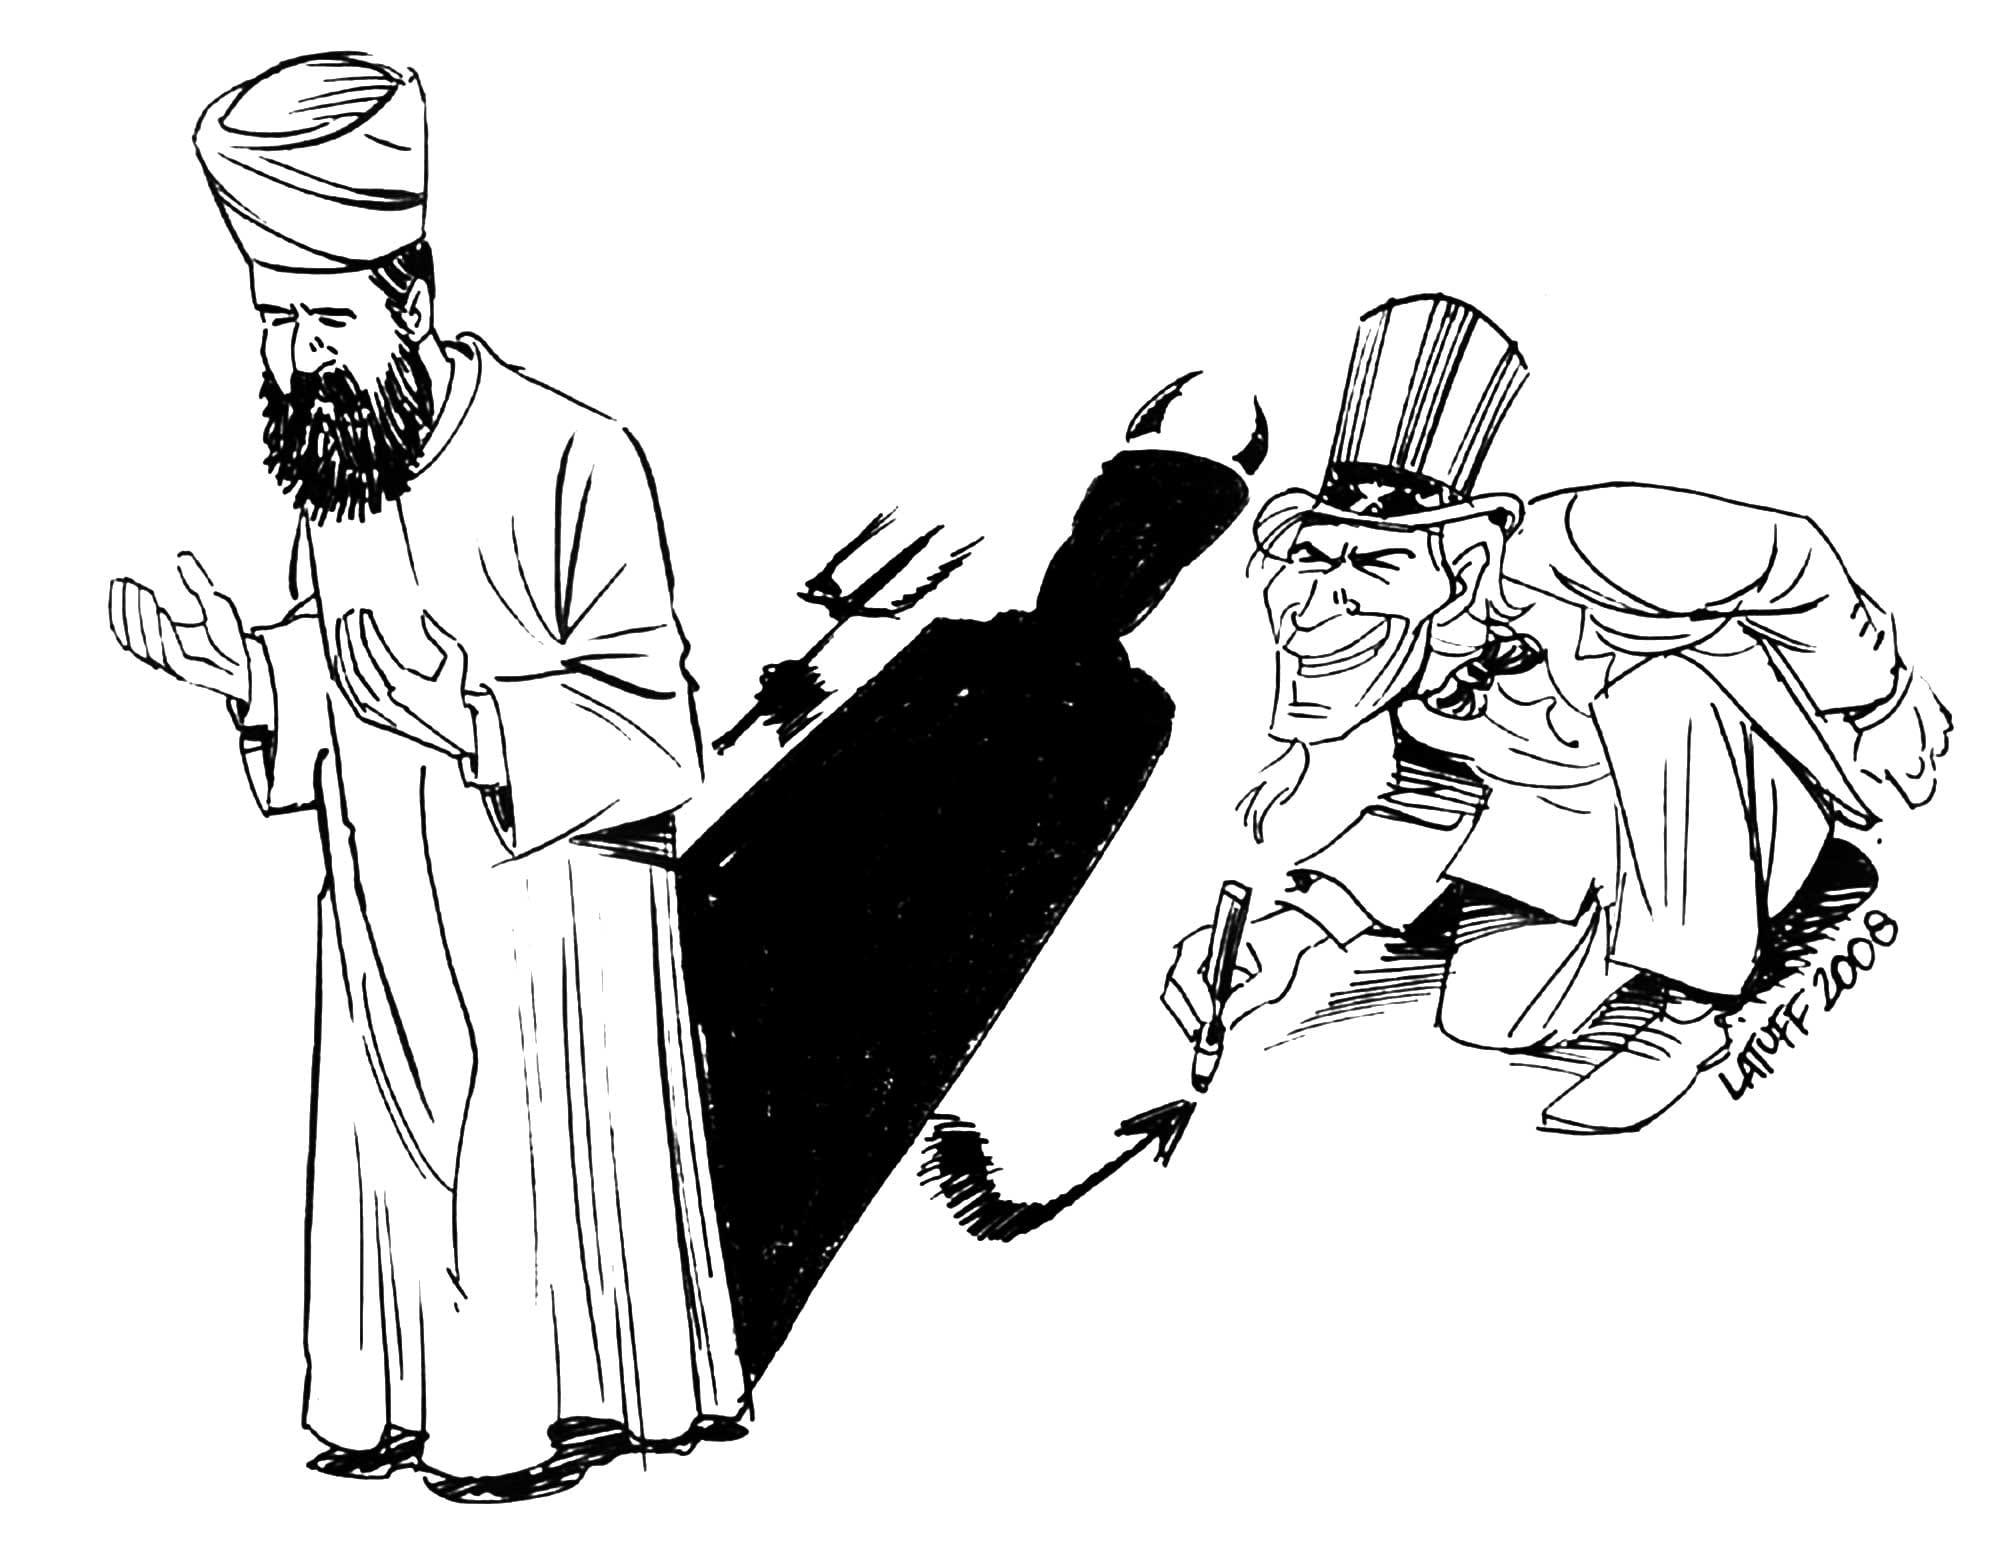 منظومة الفكر الغربي وعلاقتها بالإسلام 5